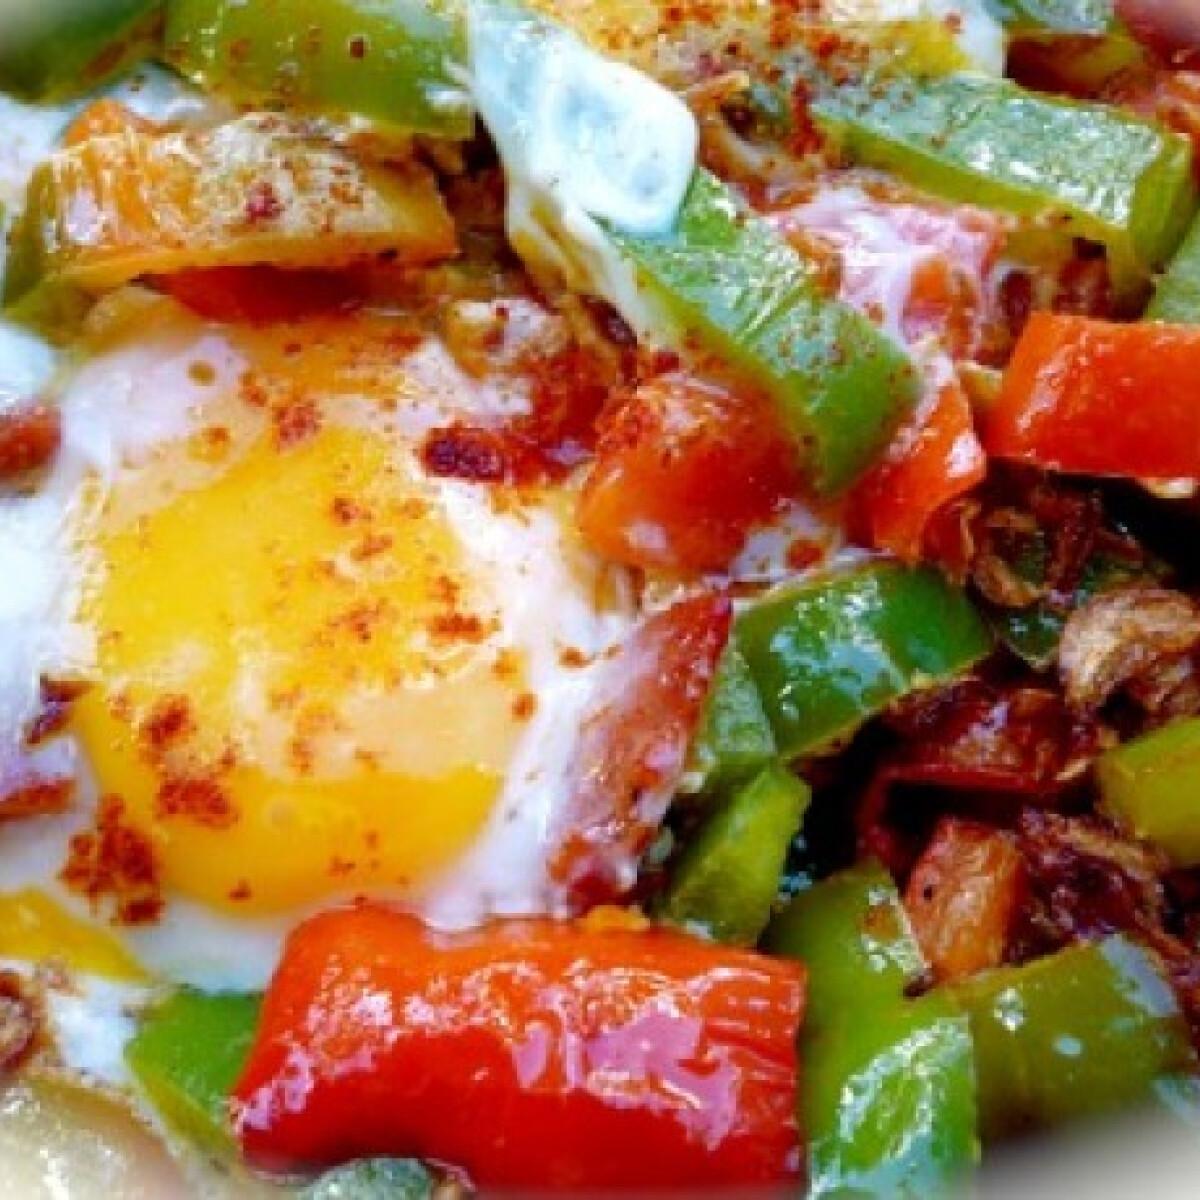 Ezen a képen: Gyors kolbászos-tojásos lecsó